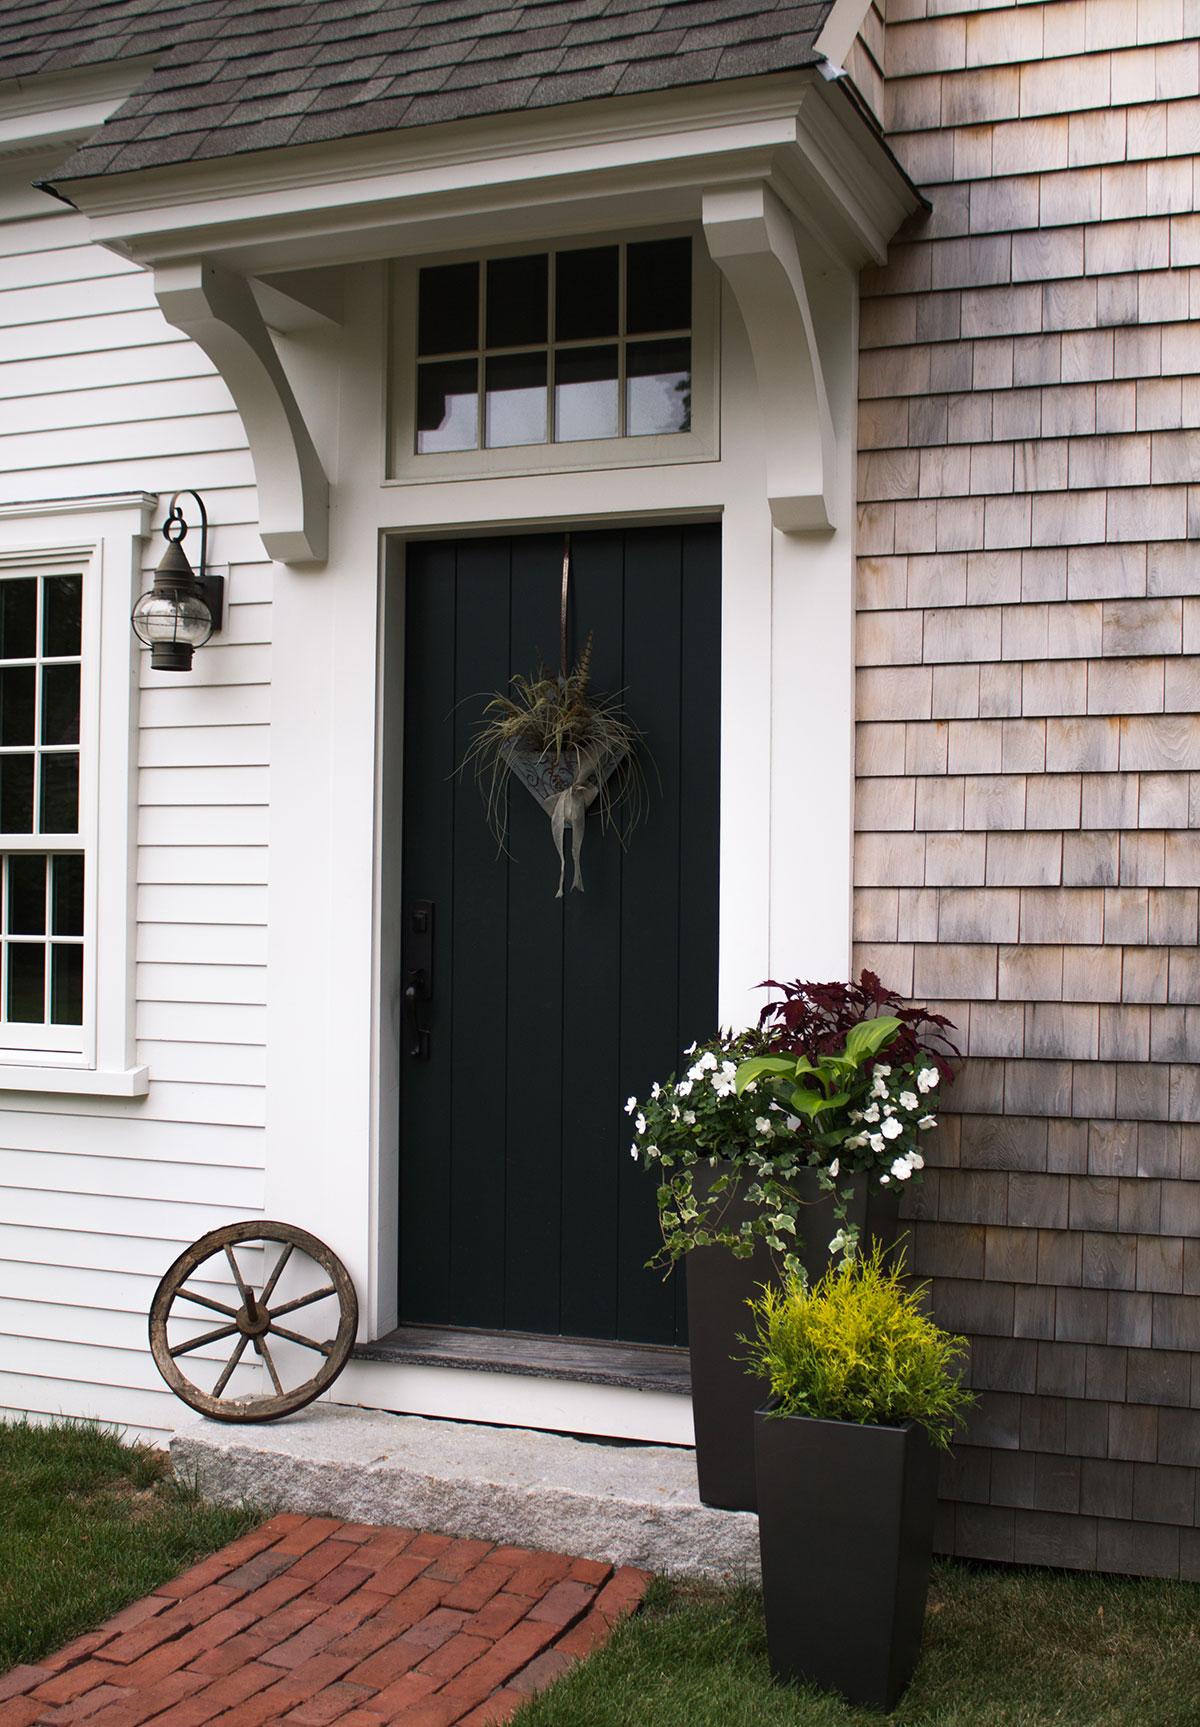 Retored 1820's cape style home Duxbury, MA